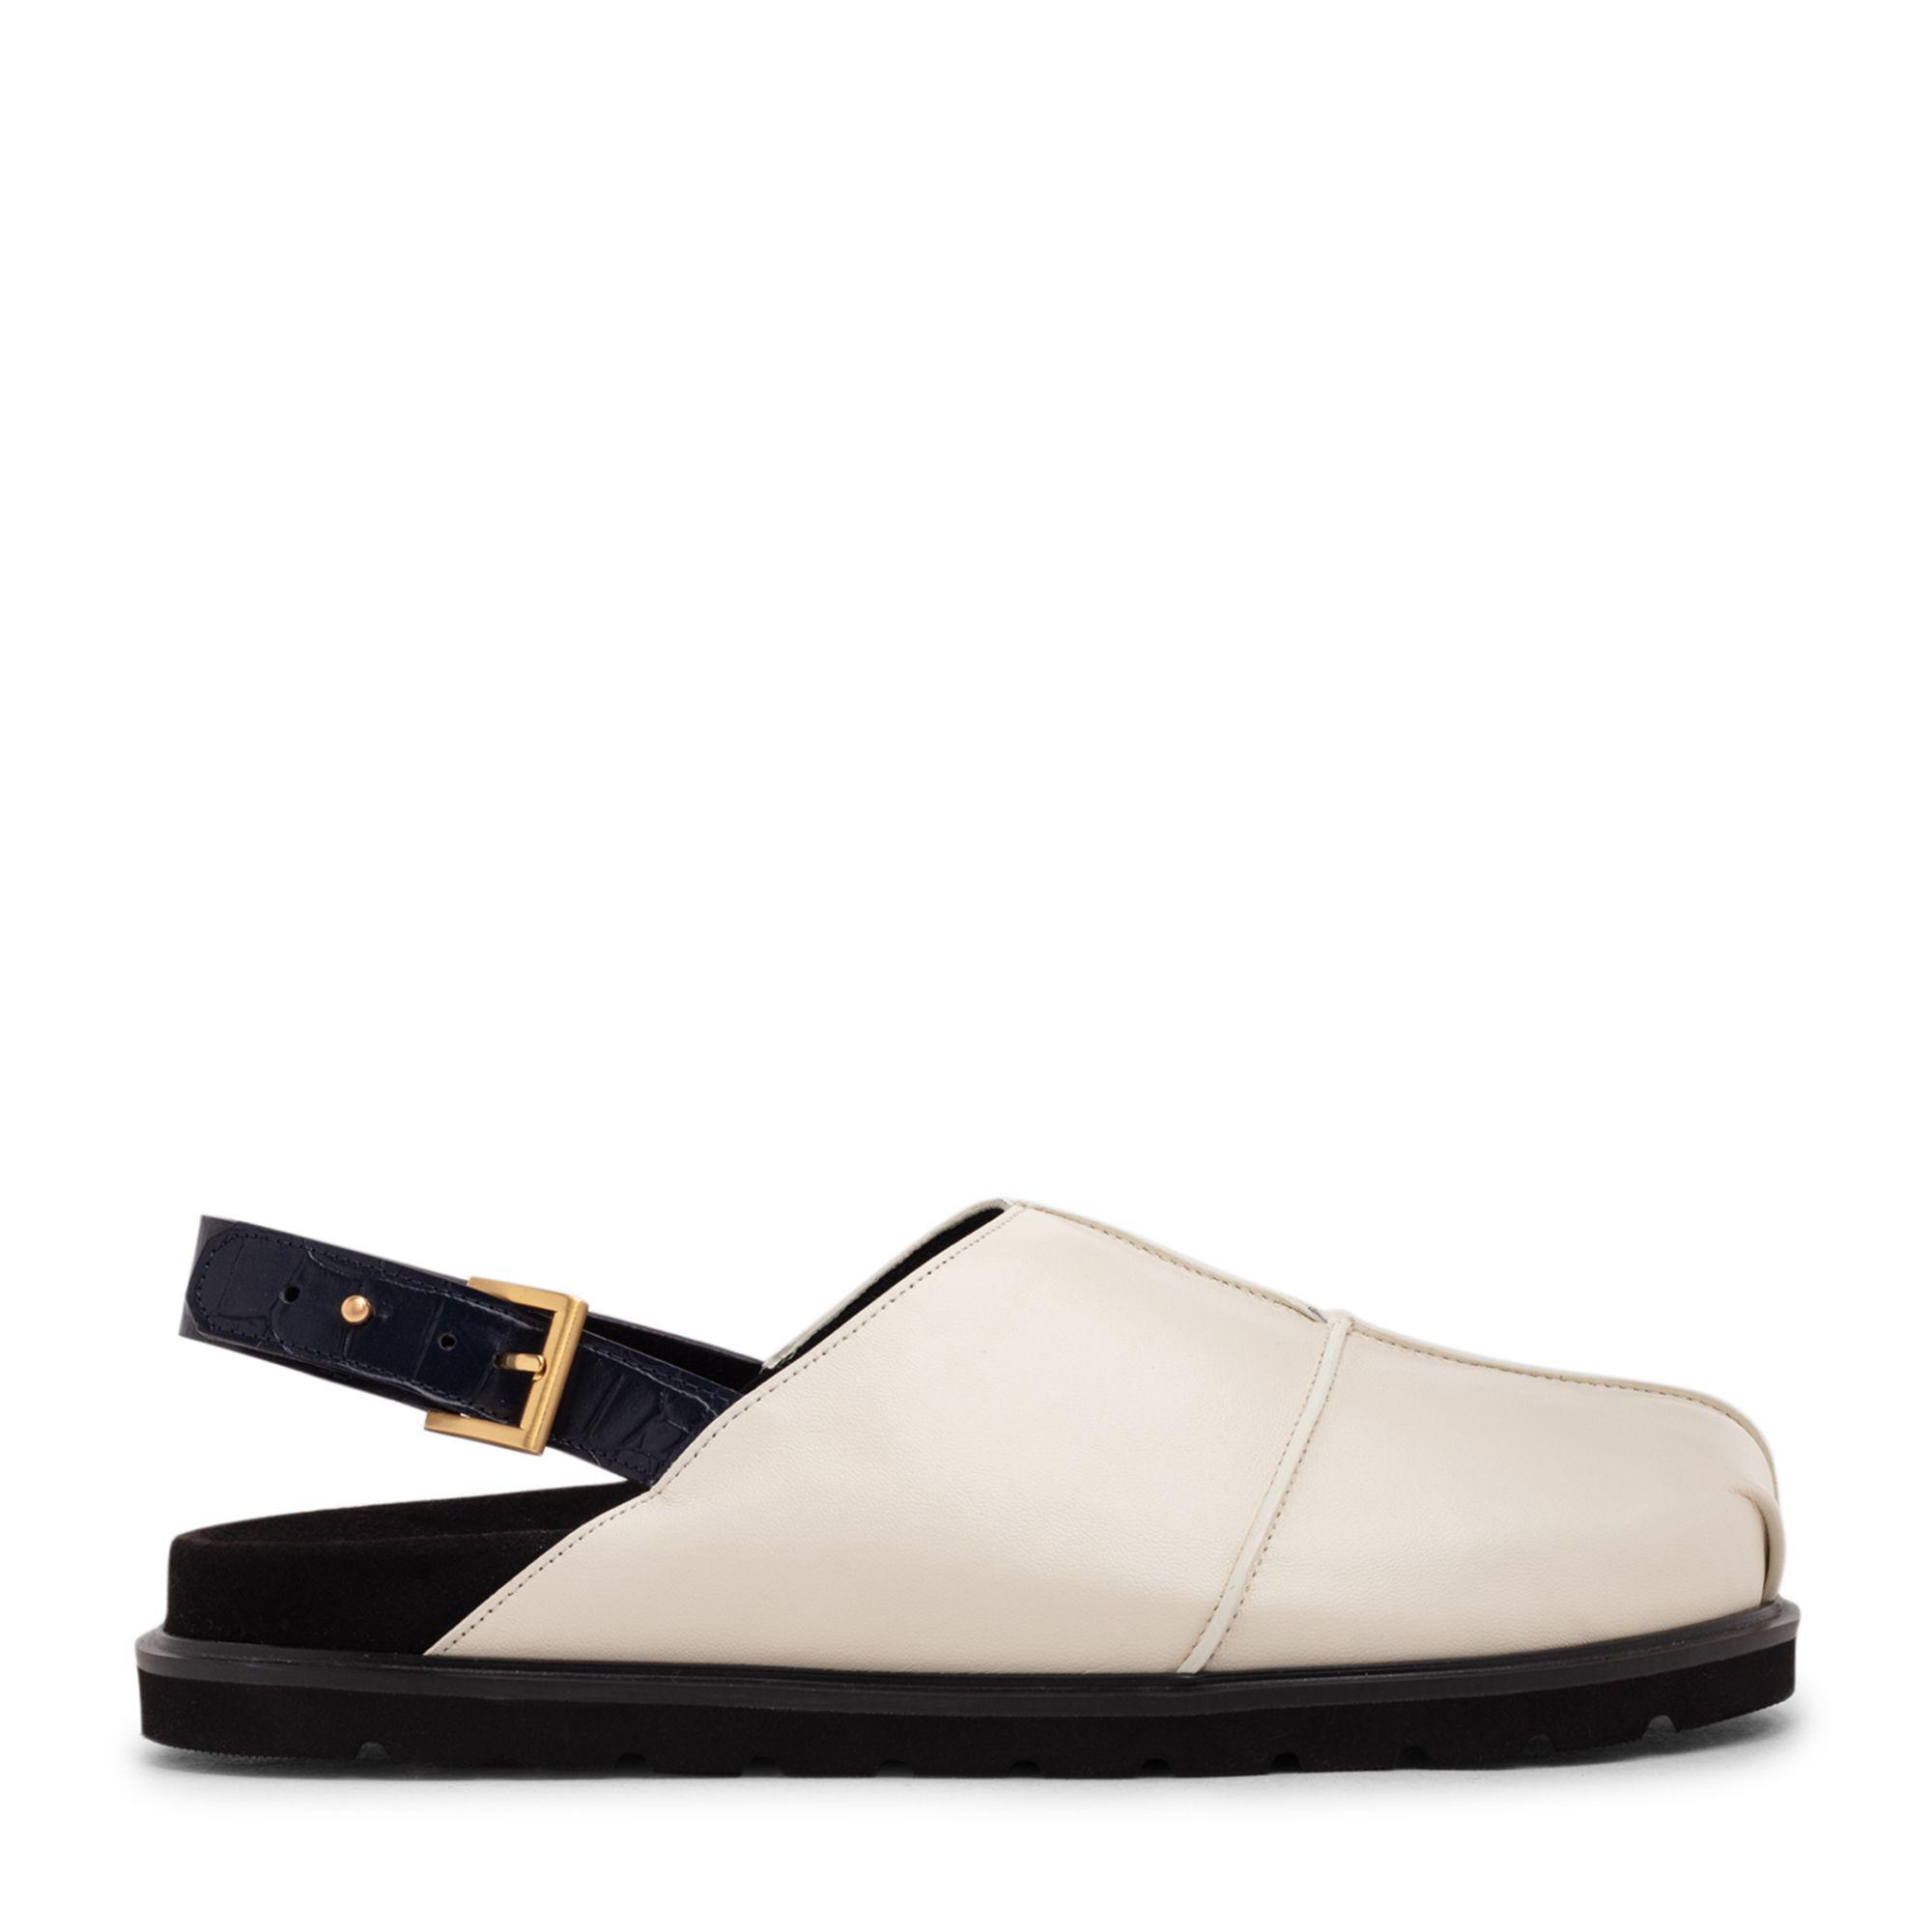 Farmers slipper sandals